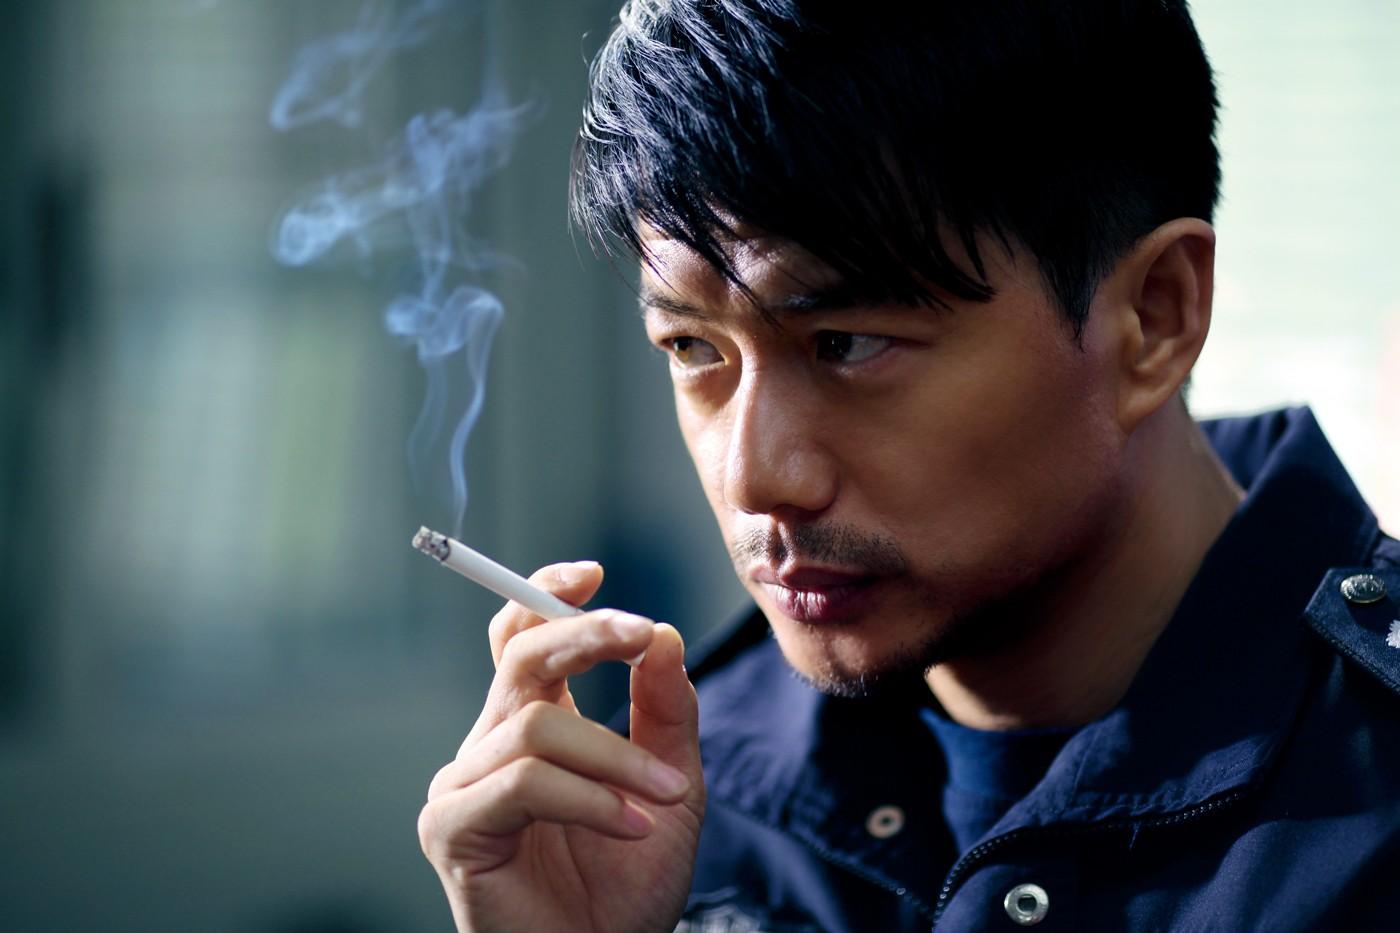 2006年,因出演电视剧《大全突击》中的袁朗士兵而成名.魏翔的电视剧一角图片